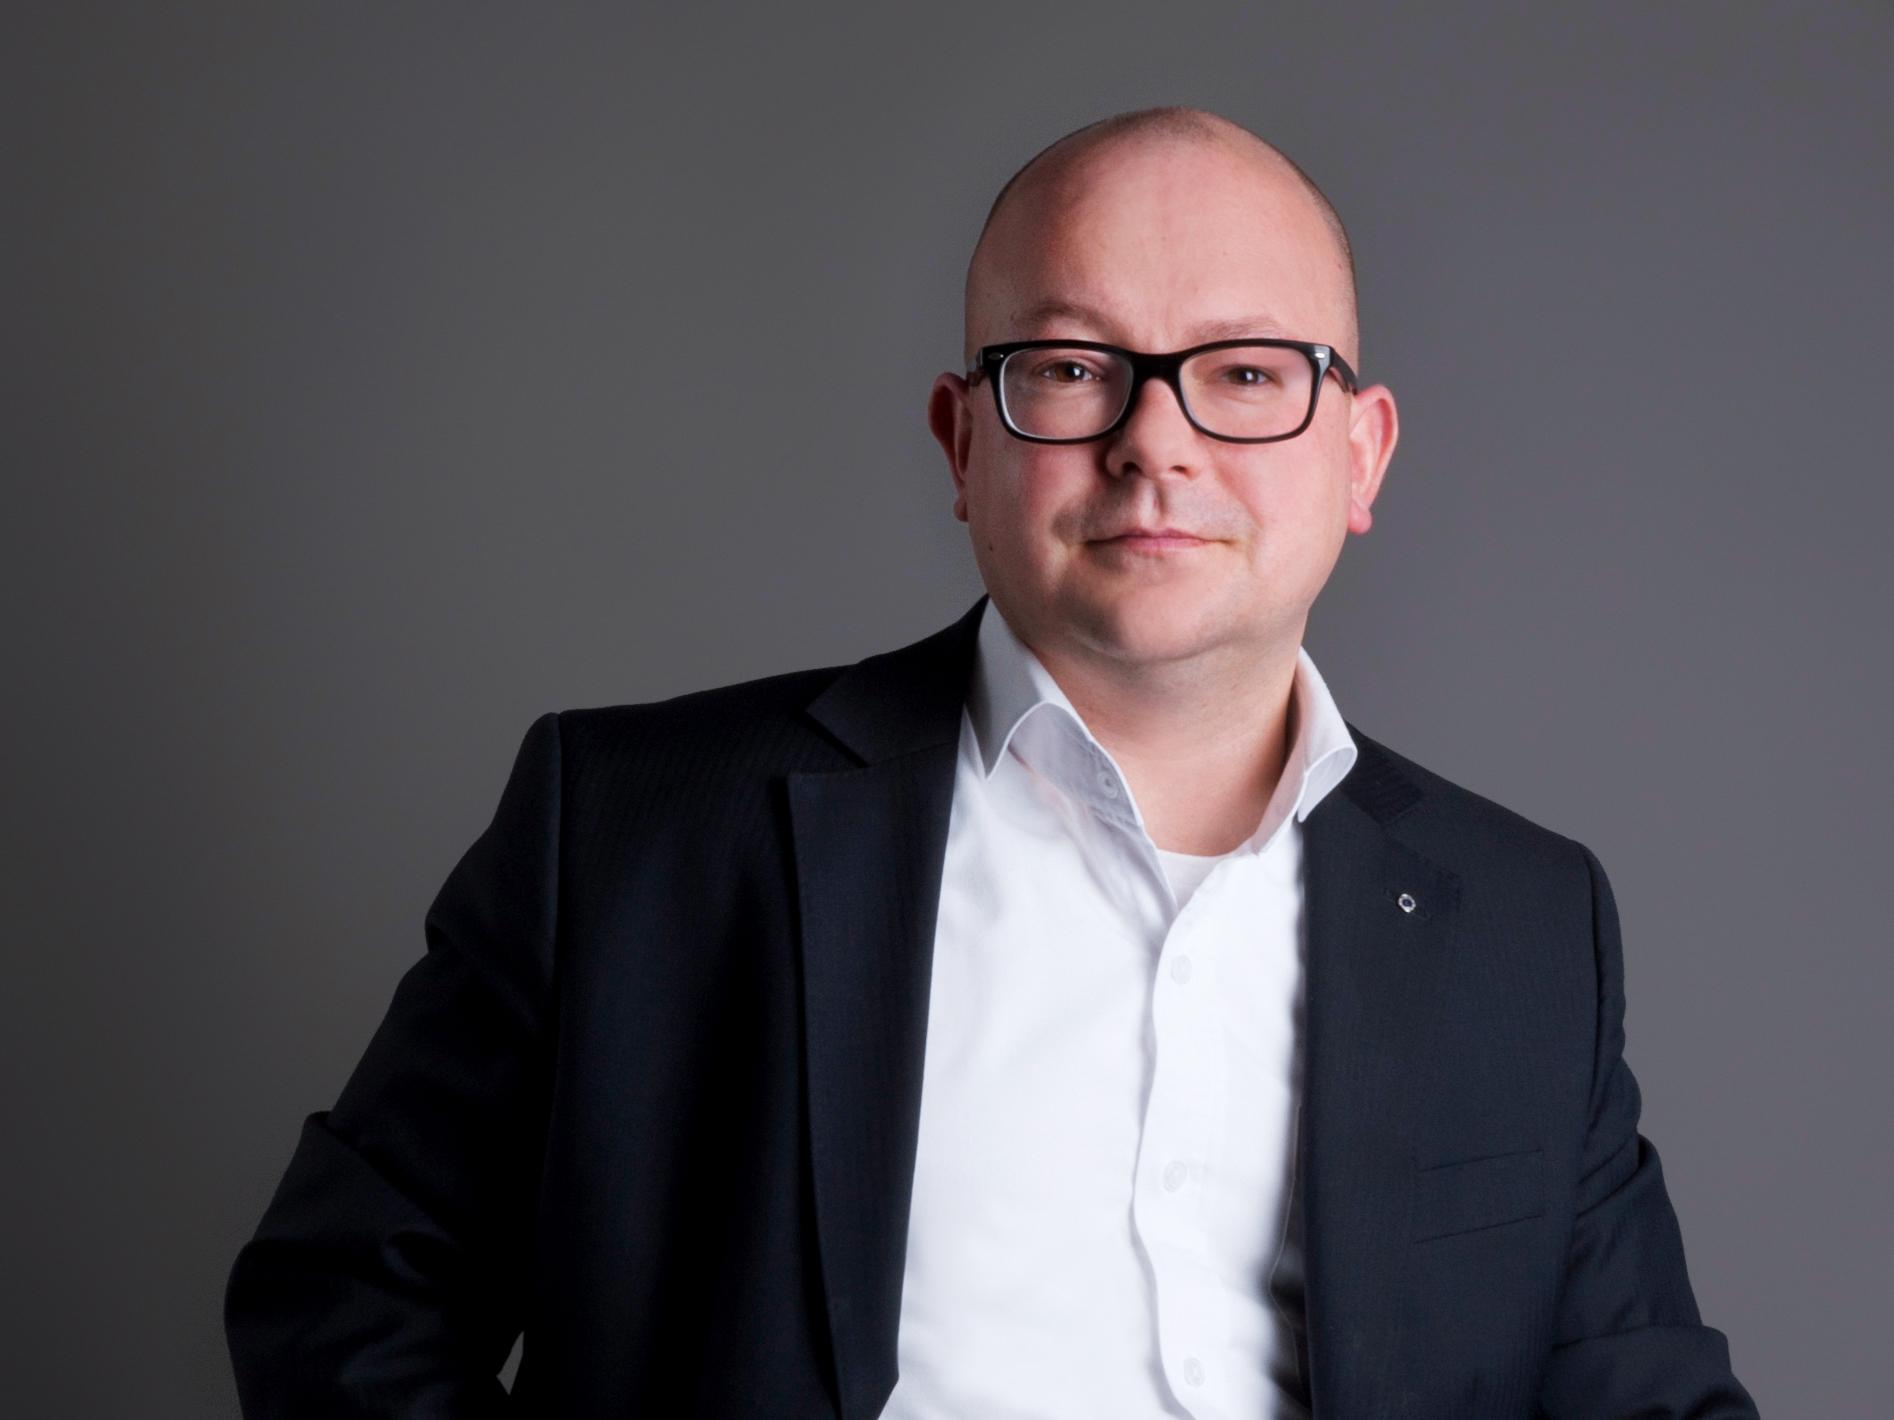 Frank Müller-Rosentritt als Brückenbauer für Chemnitz FDP-Bundestagsabgeordneter wird Mitglied im Auswärtigen Ausschuss